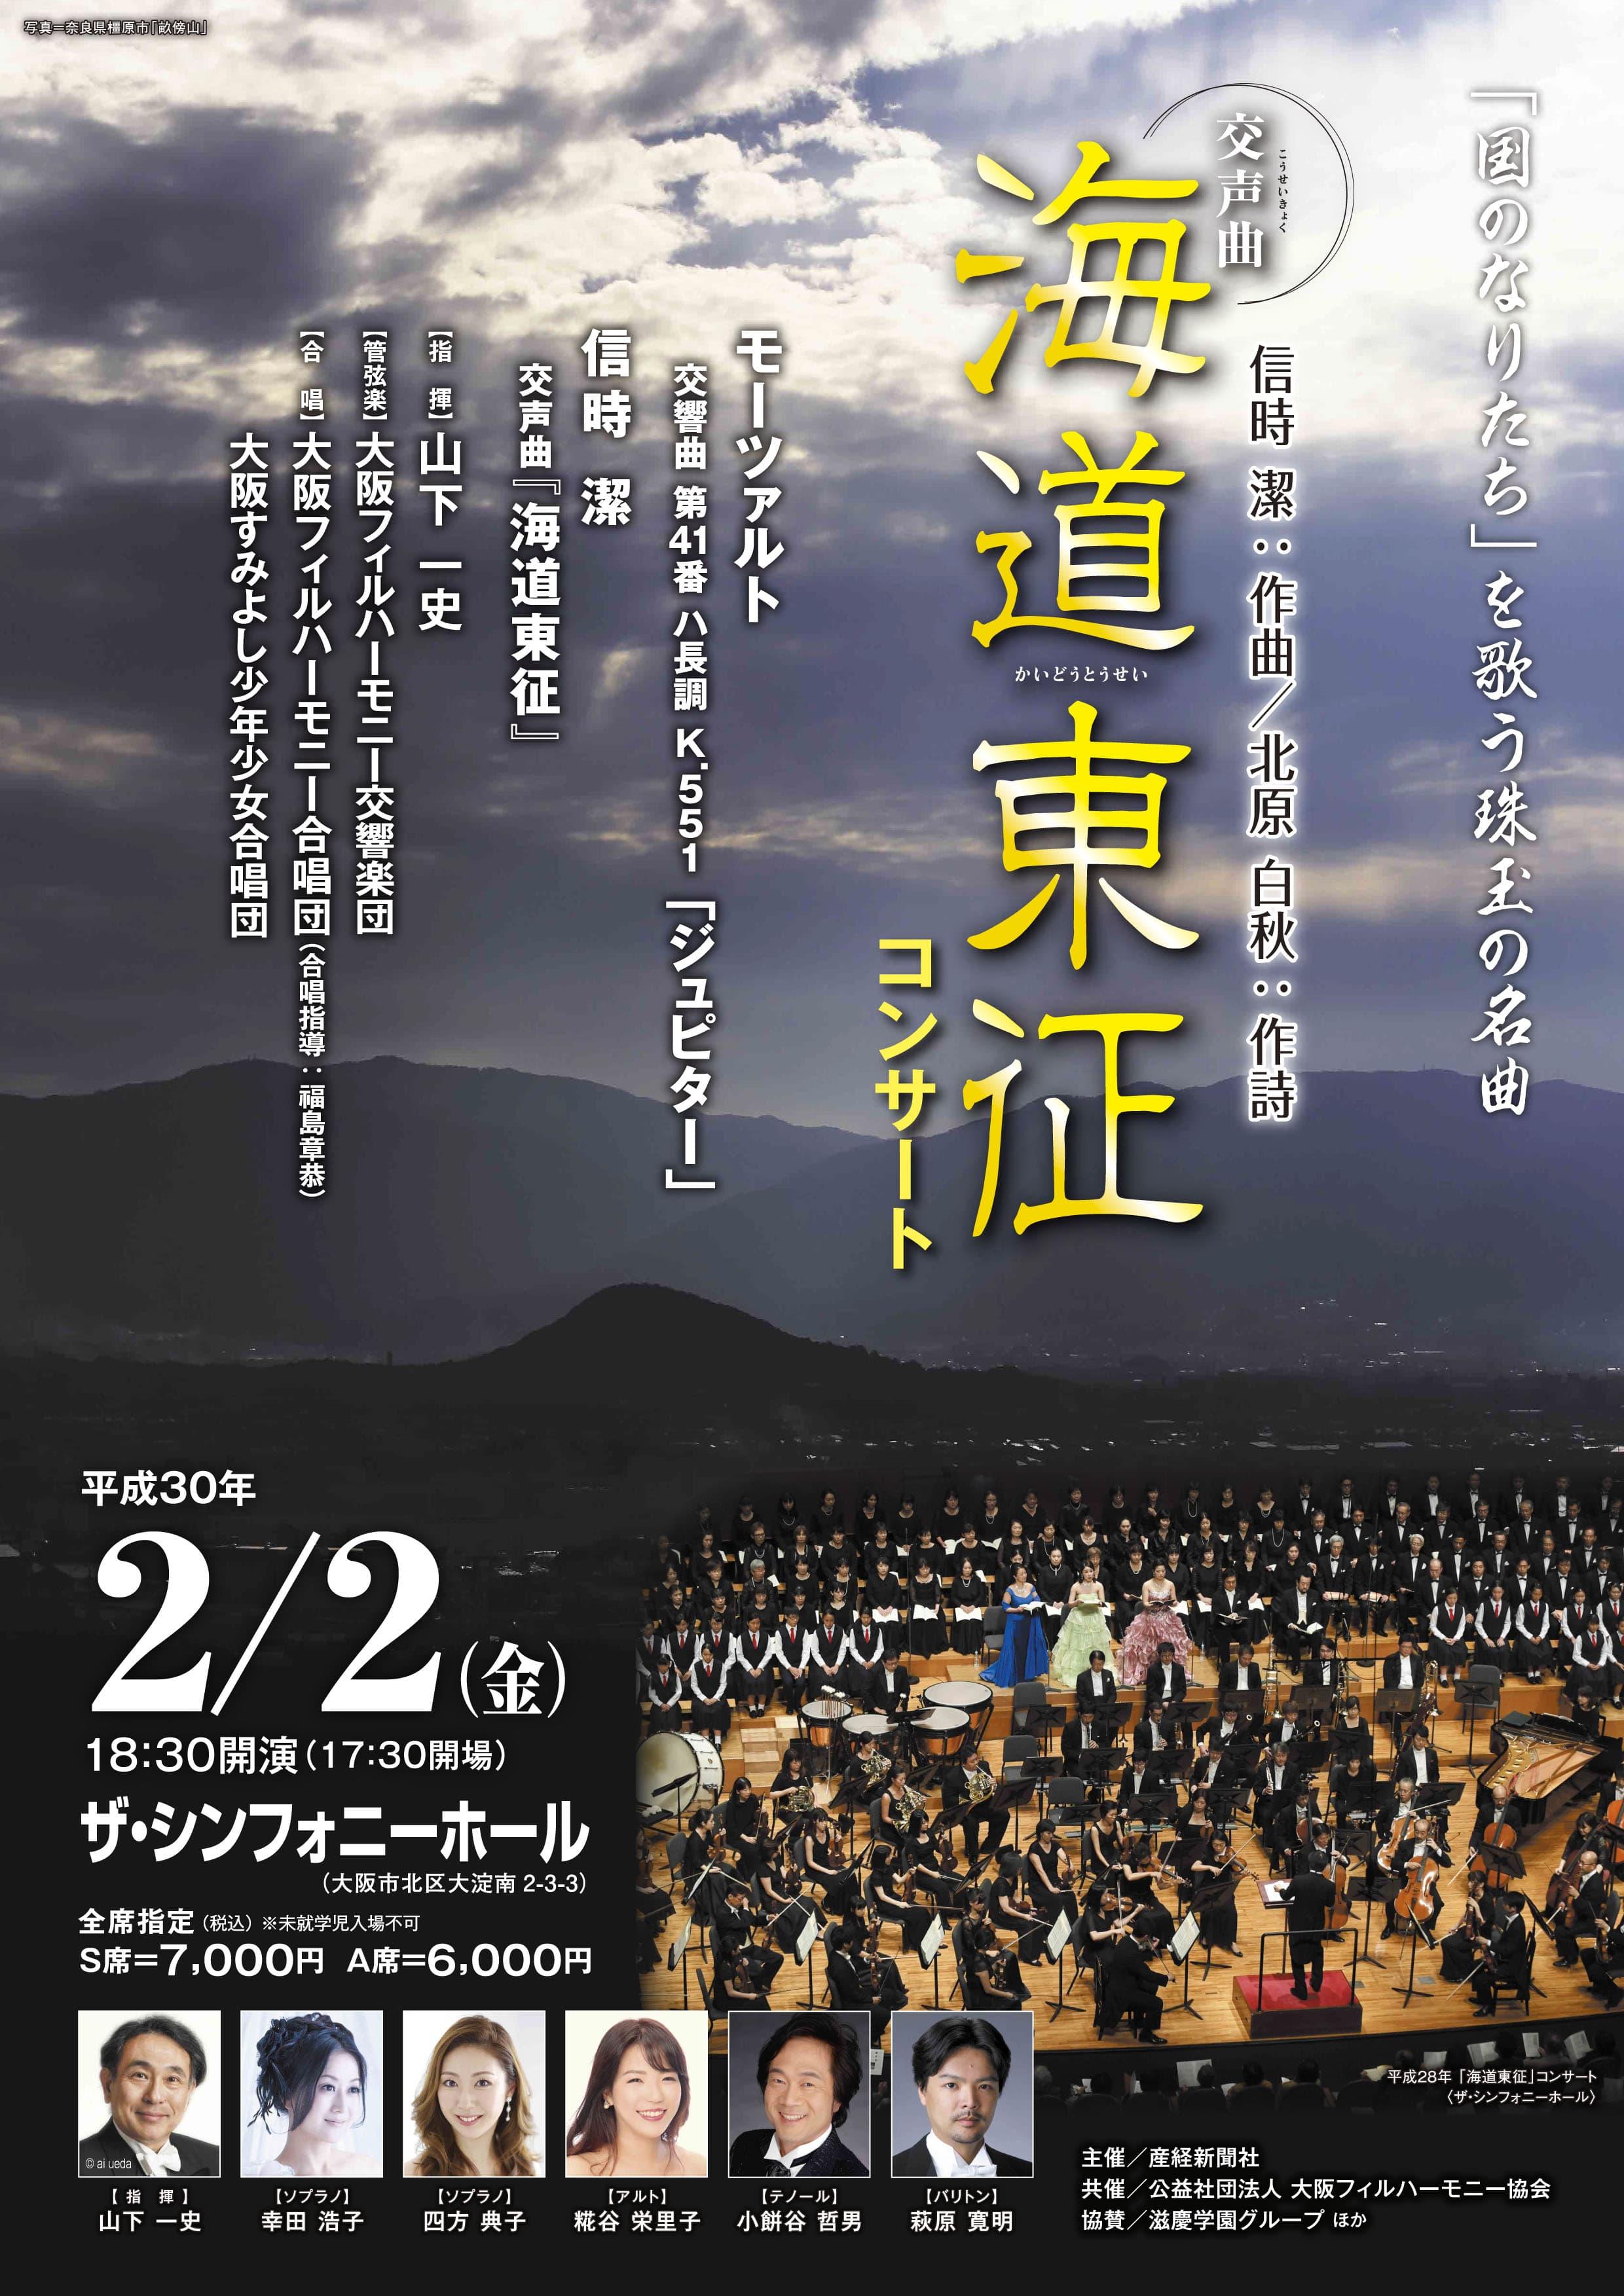 海道東征コンサート